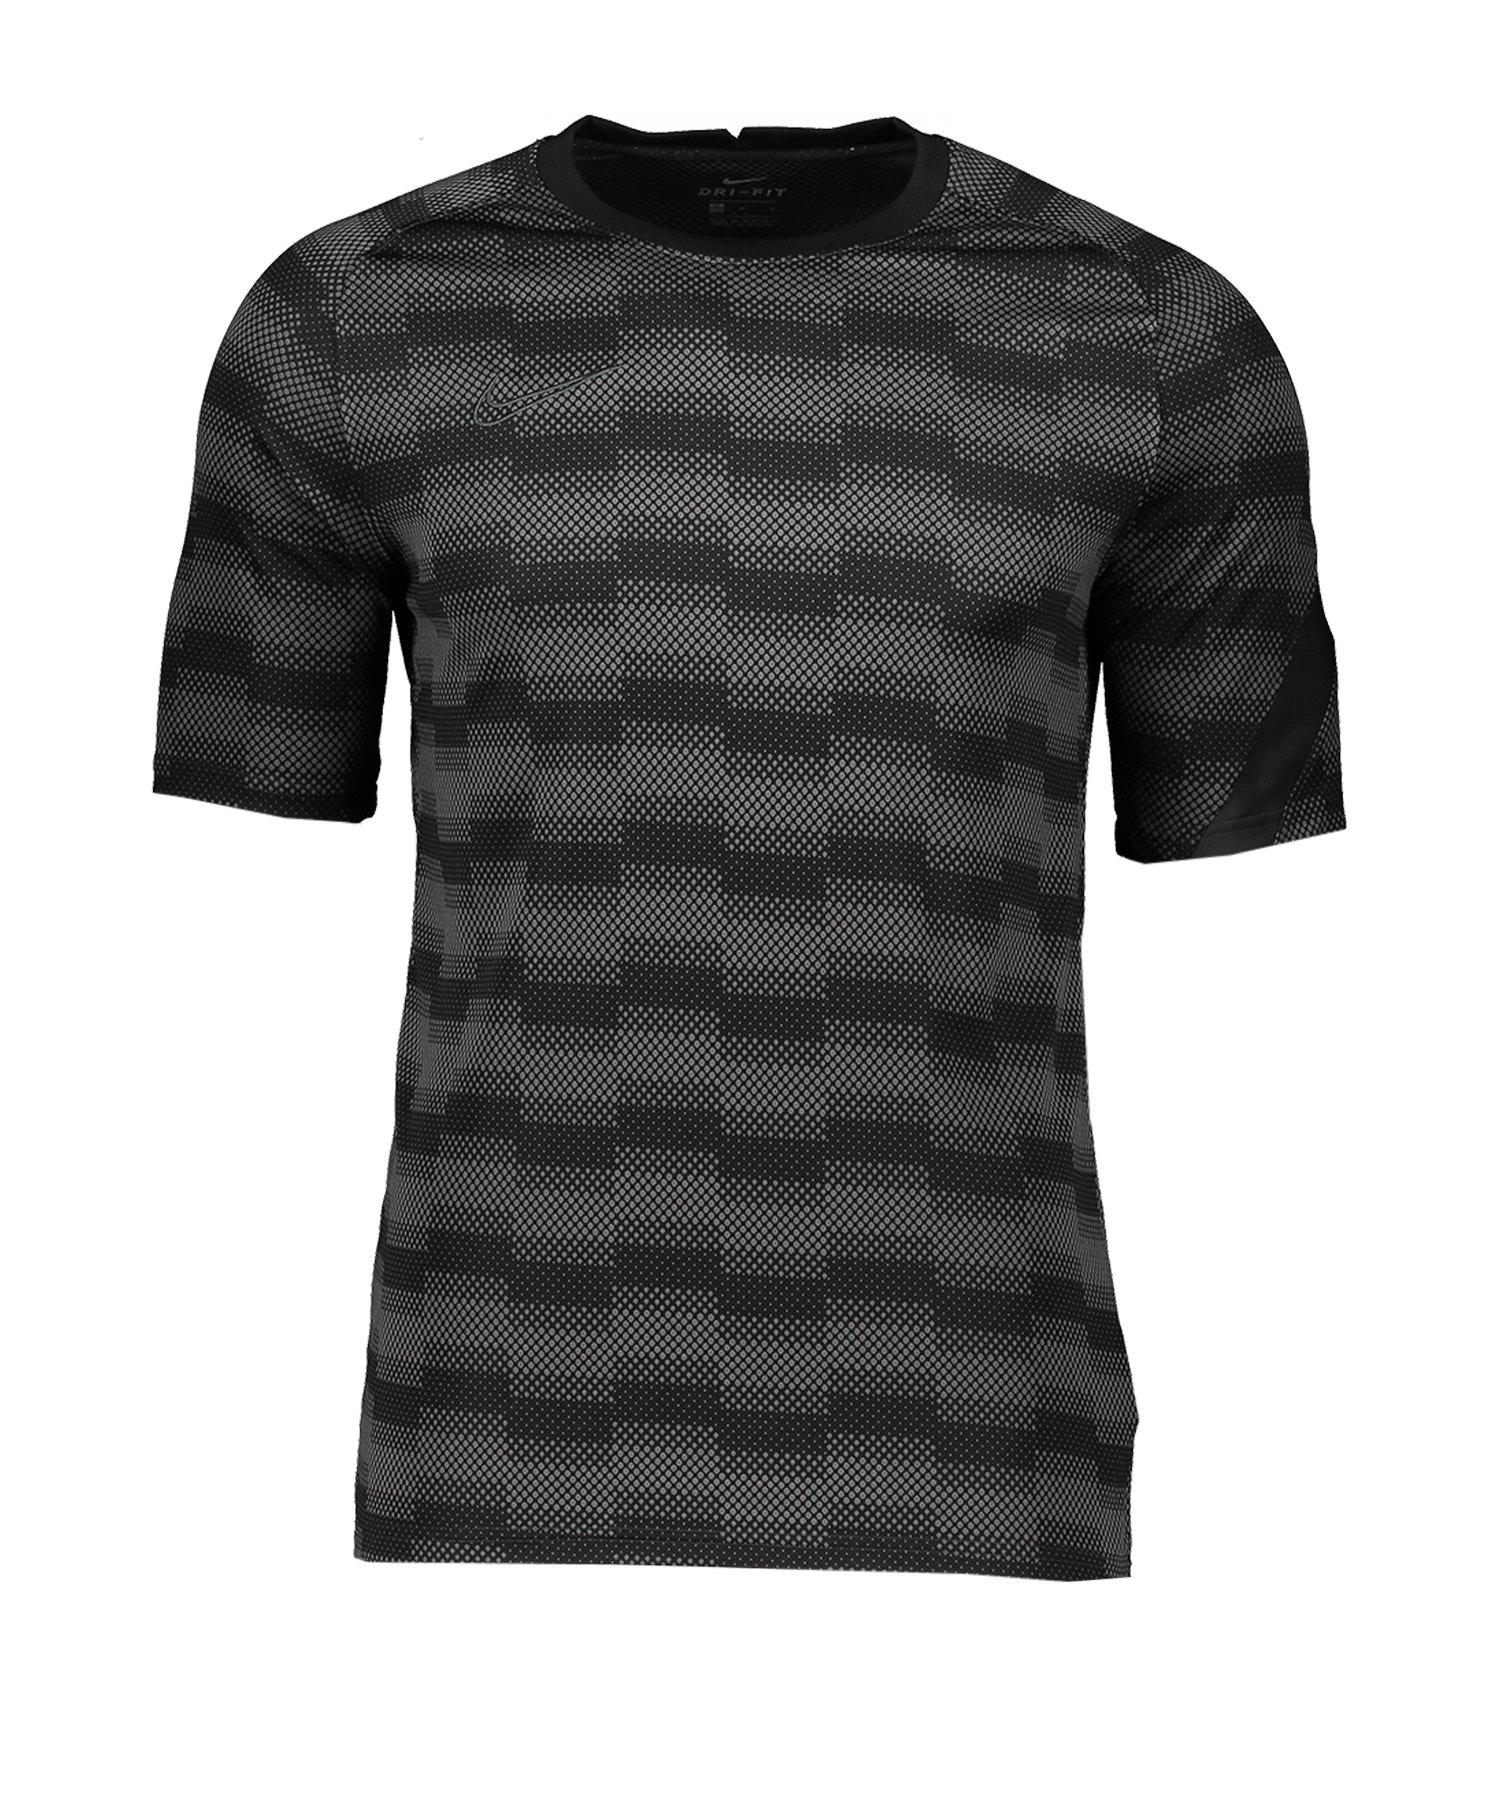 Nike Academy Trainingsshirt kurzarm F010 - schwarz